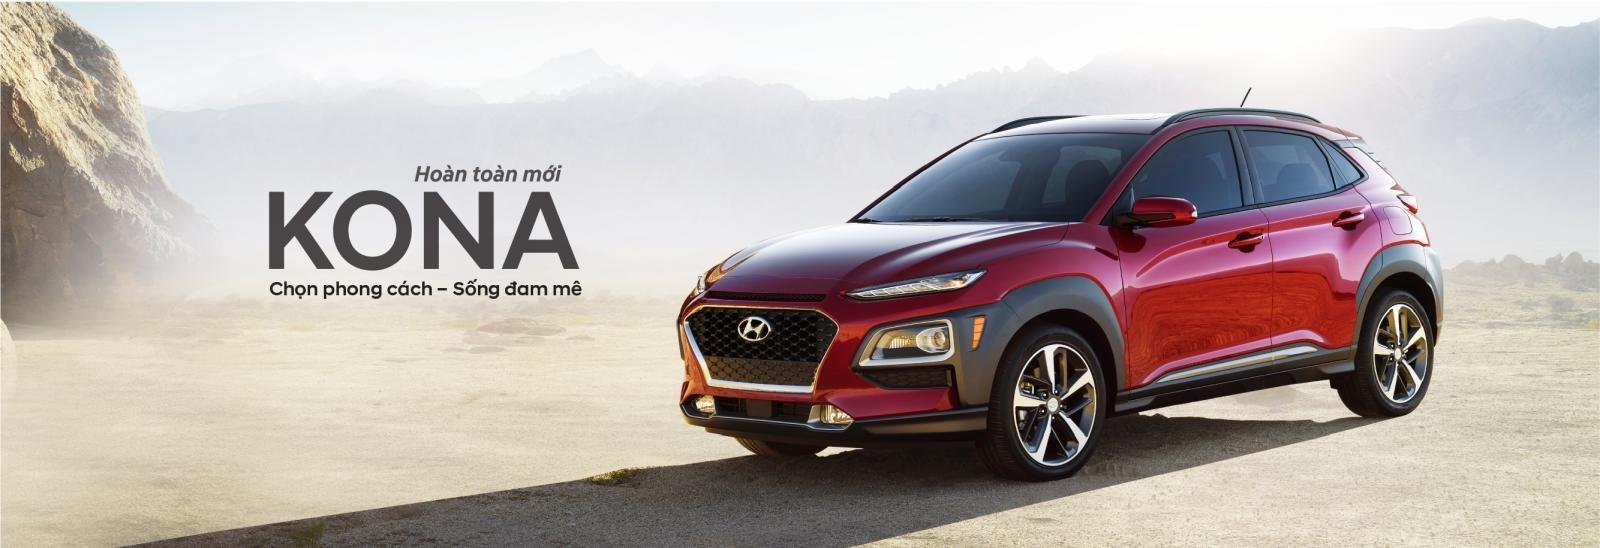 SUV đô thị cỡ nhỏ dưới 800 triệu, chọn Hyundai Kona 2019 hay Suzuki Vitara 2018? 1.